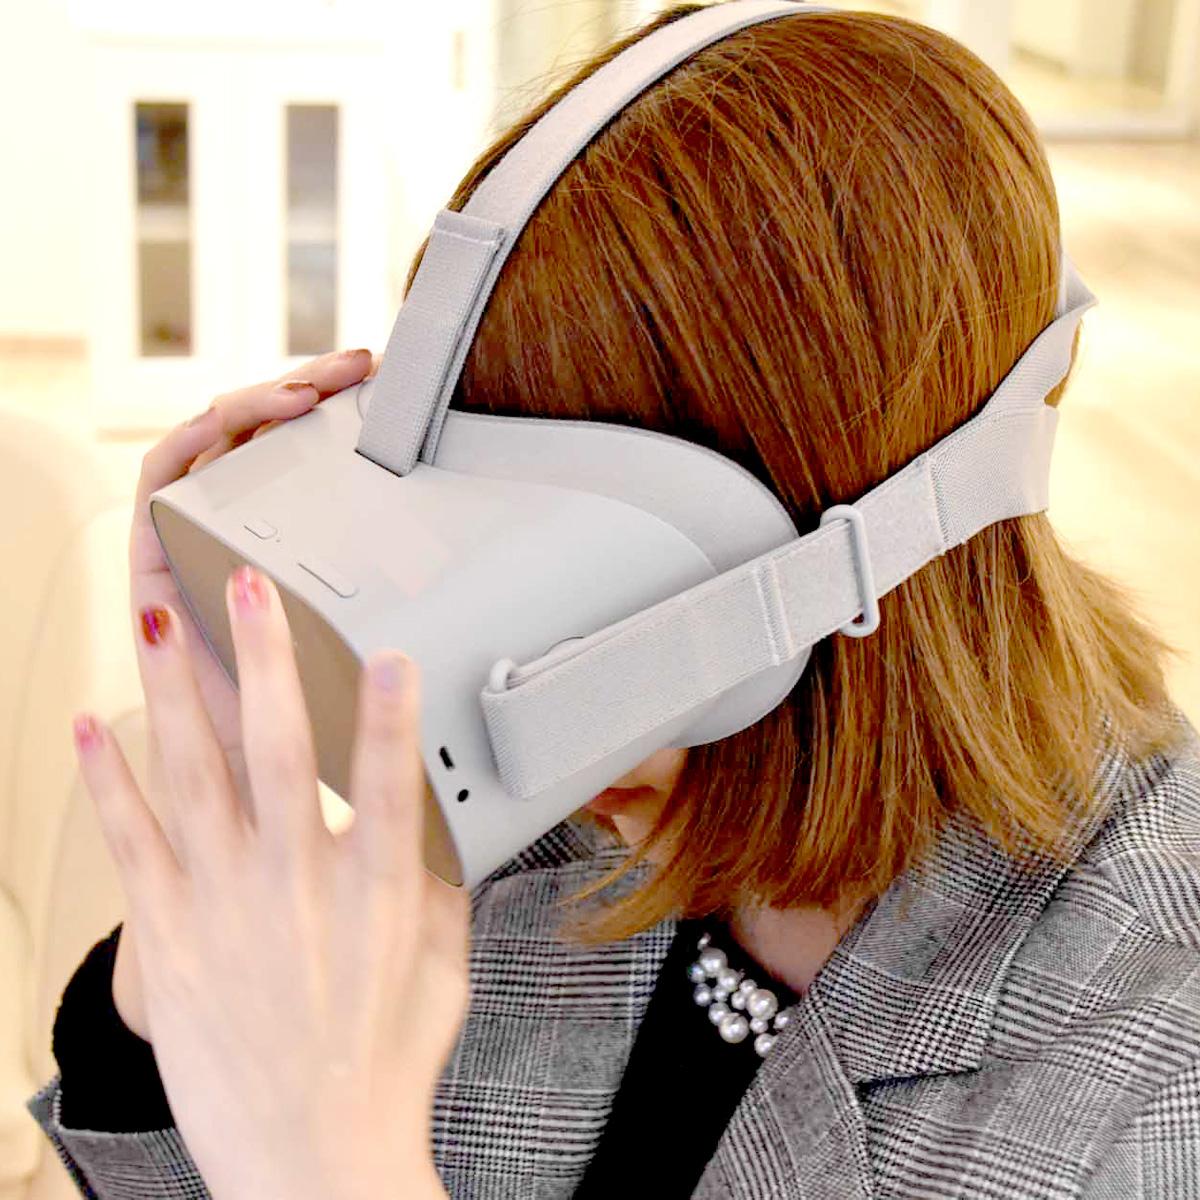 話題の「Oculus Go」を女性ゲーマーが体験! 本格VRゲームのベストな入門機かも?